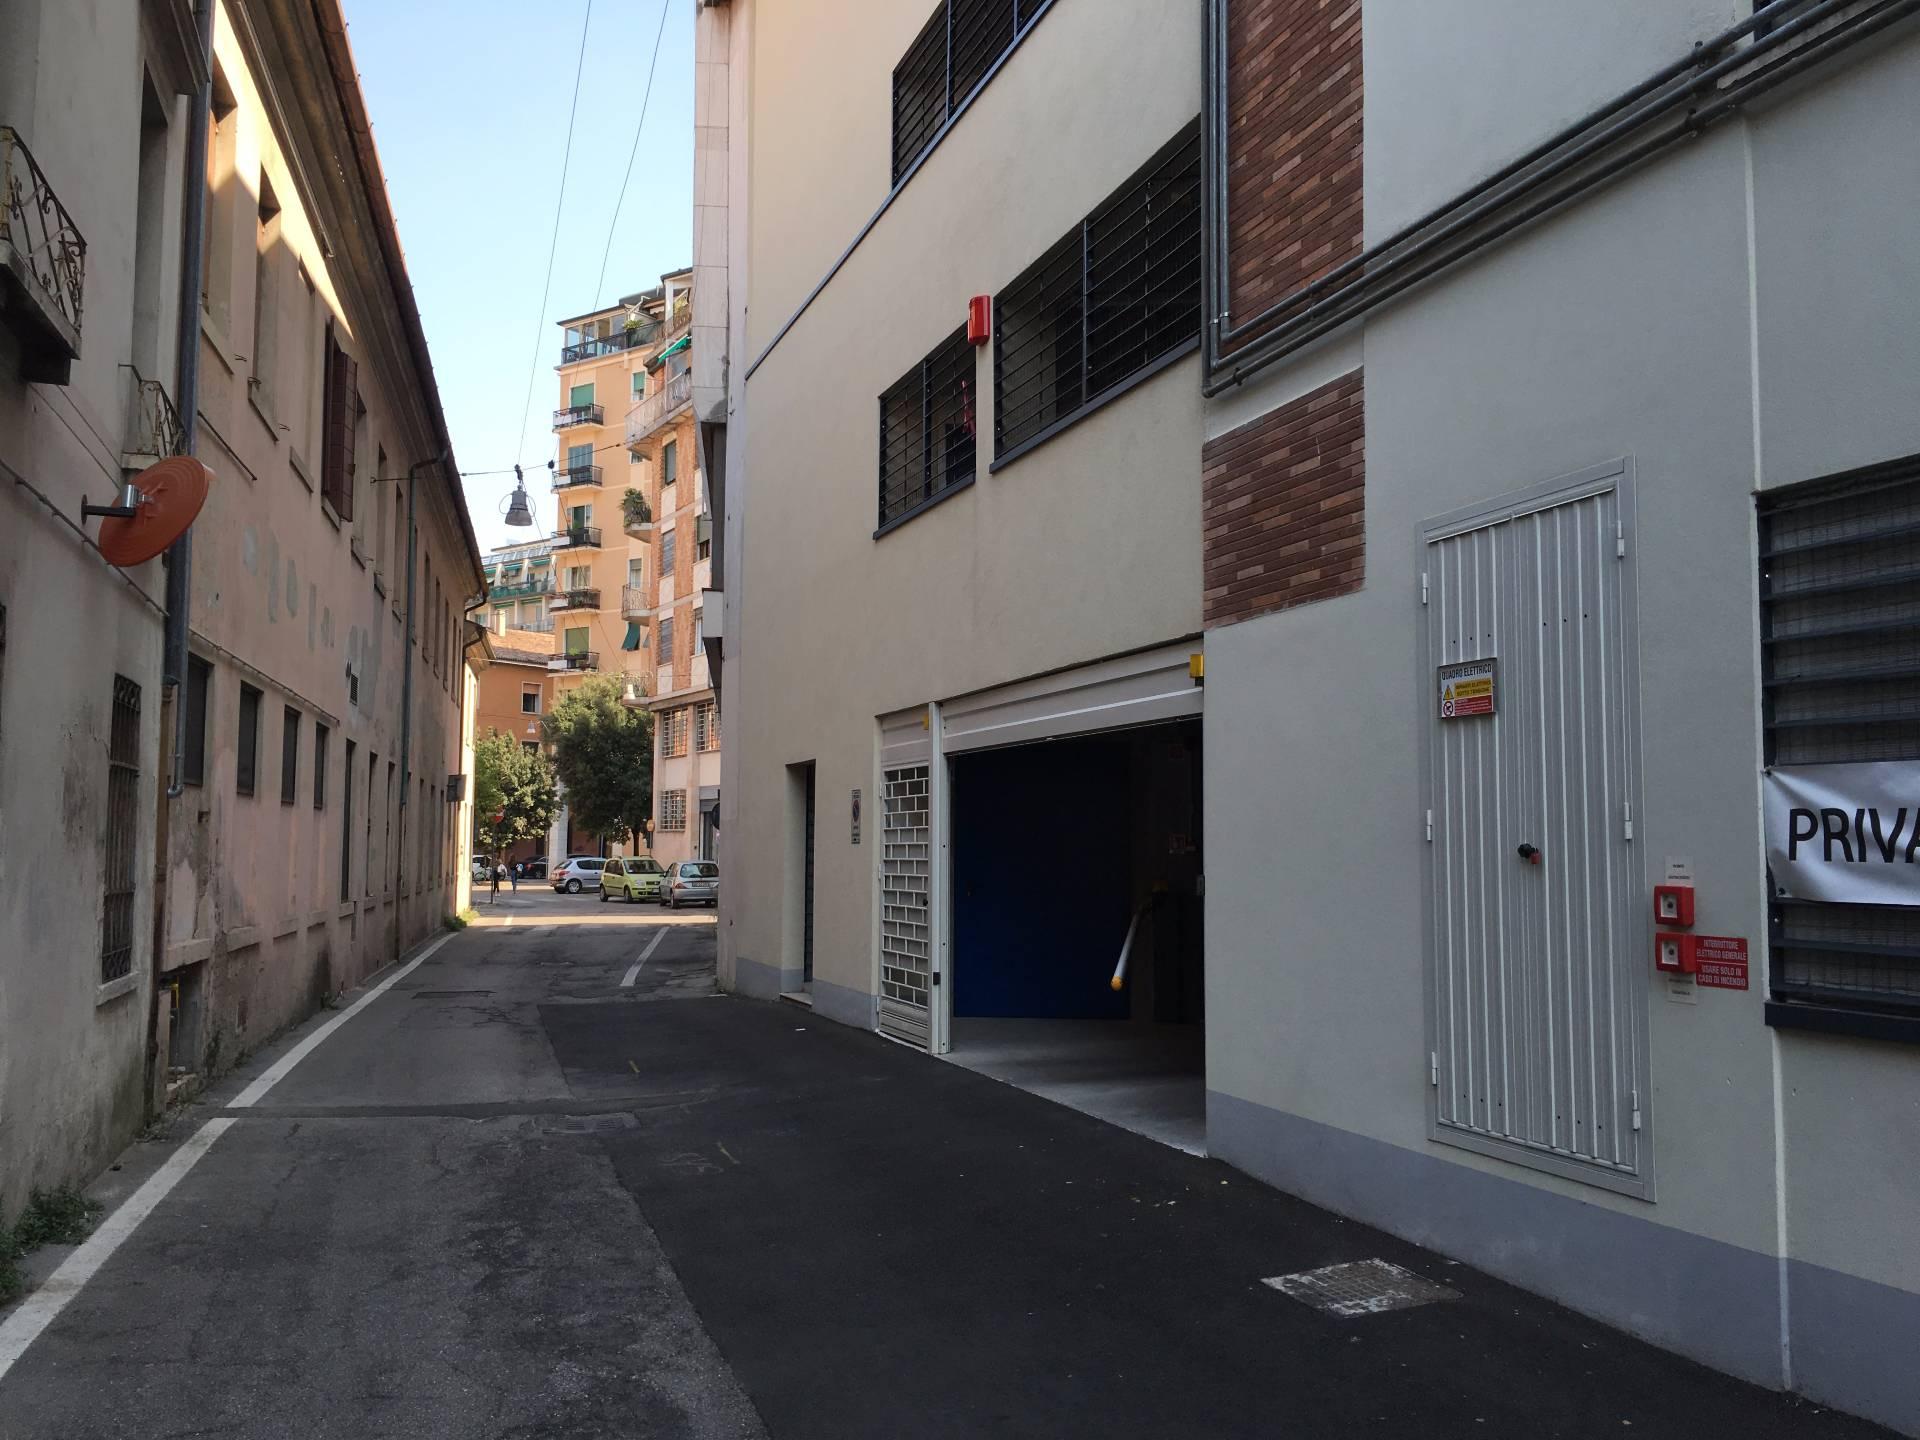 Box / Garage in vendita a Treviso, 1 locali, zona Località: Centrostorico, prezzo € 75.000 | Cambio Casa.it